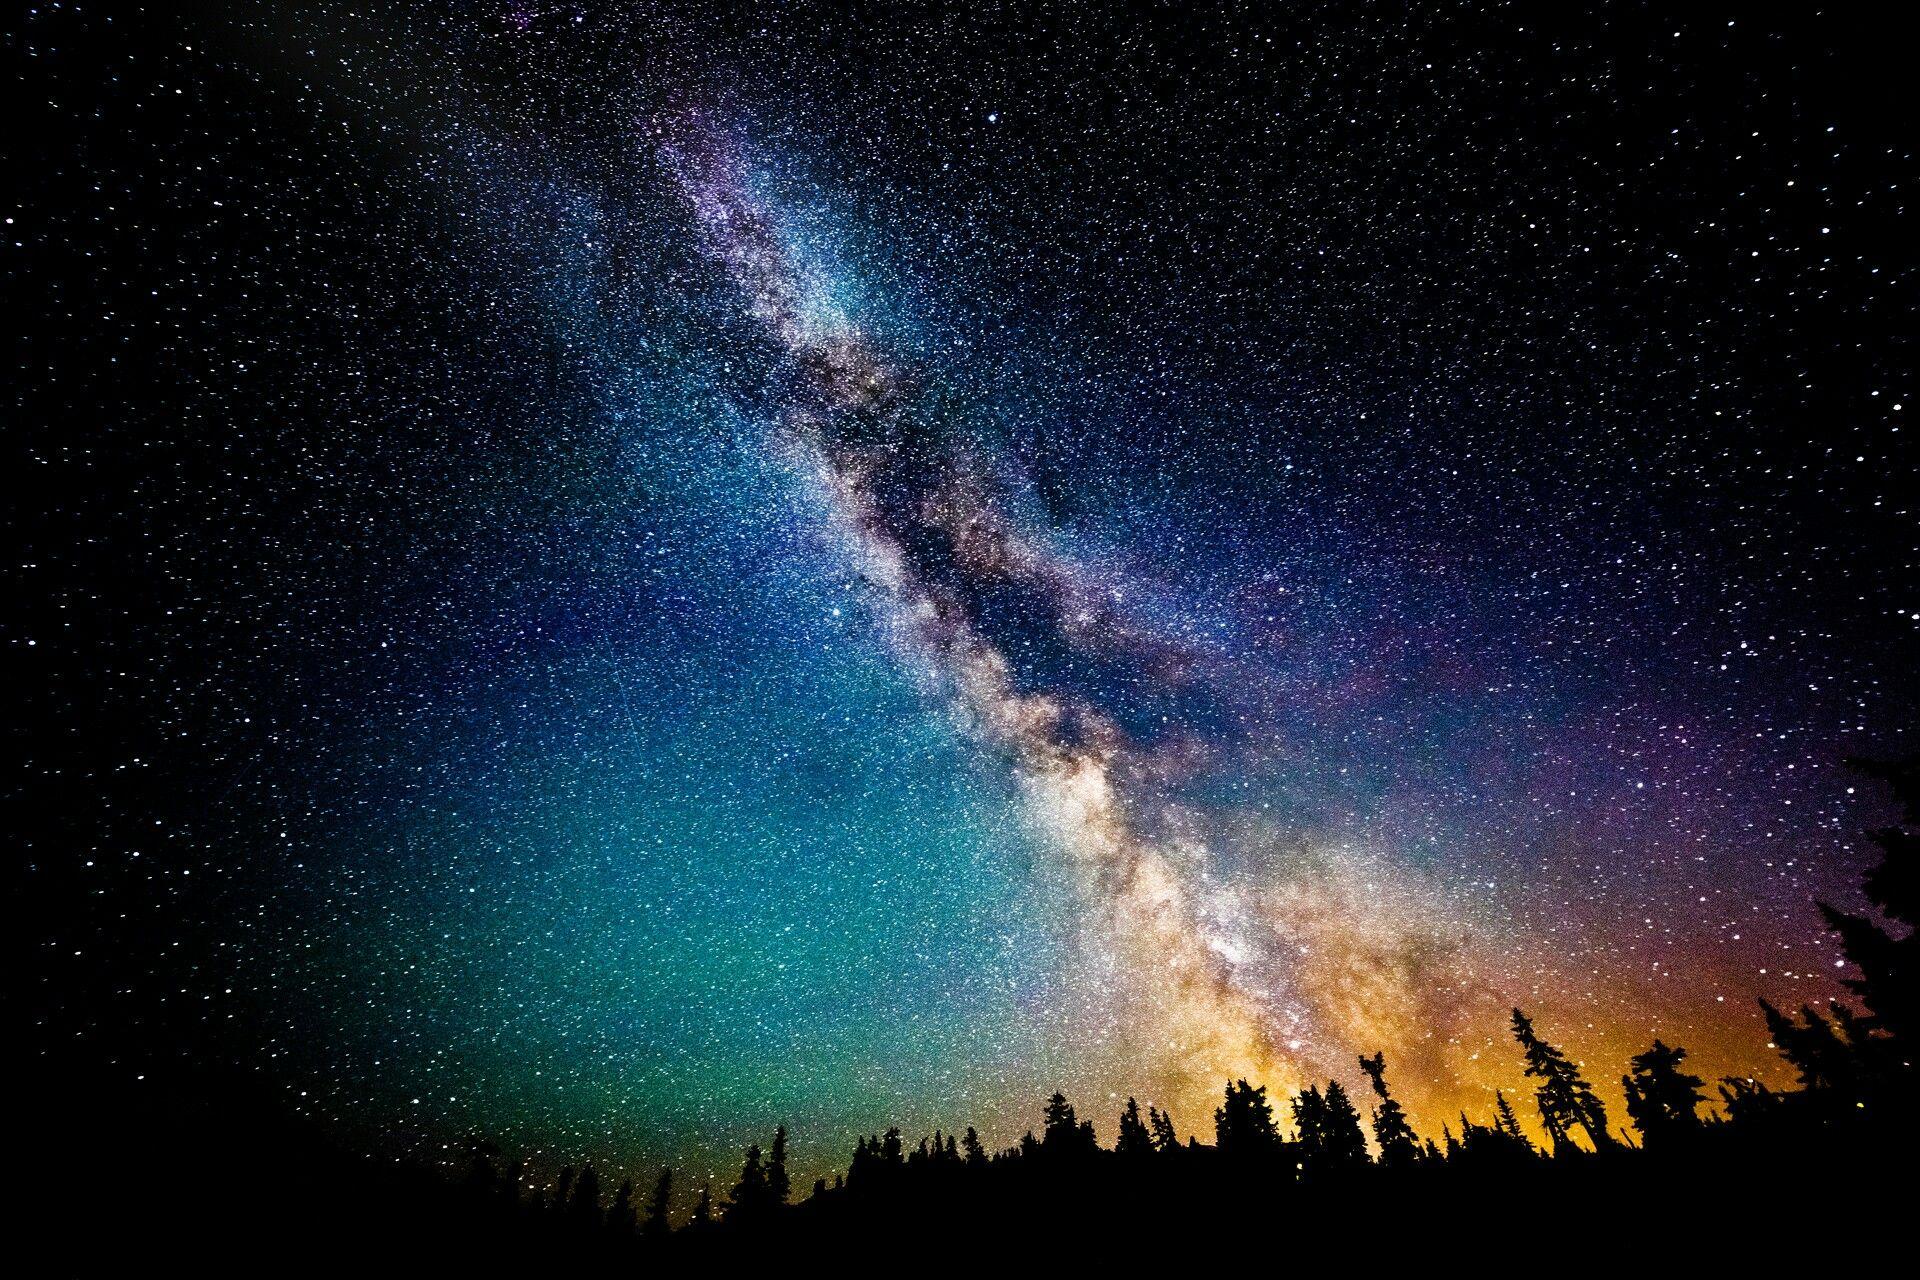 Risunki おしゃれまとめの人気アイデア Pinterest クリスティーナ 風景 絶景 星空